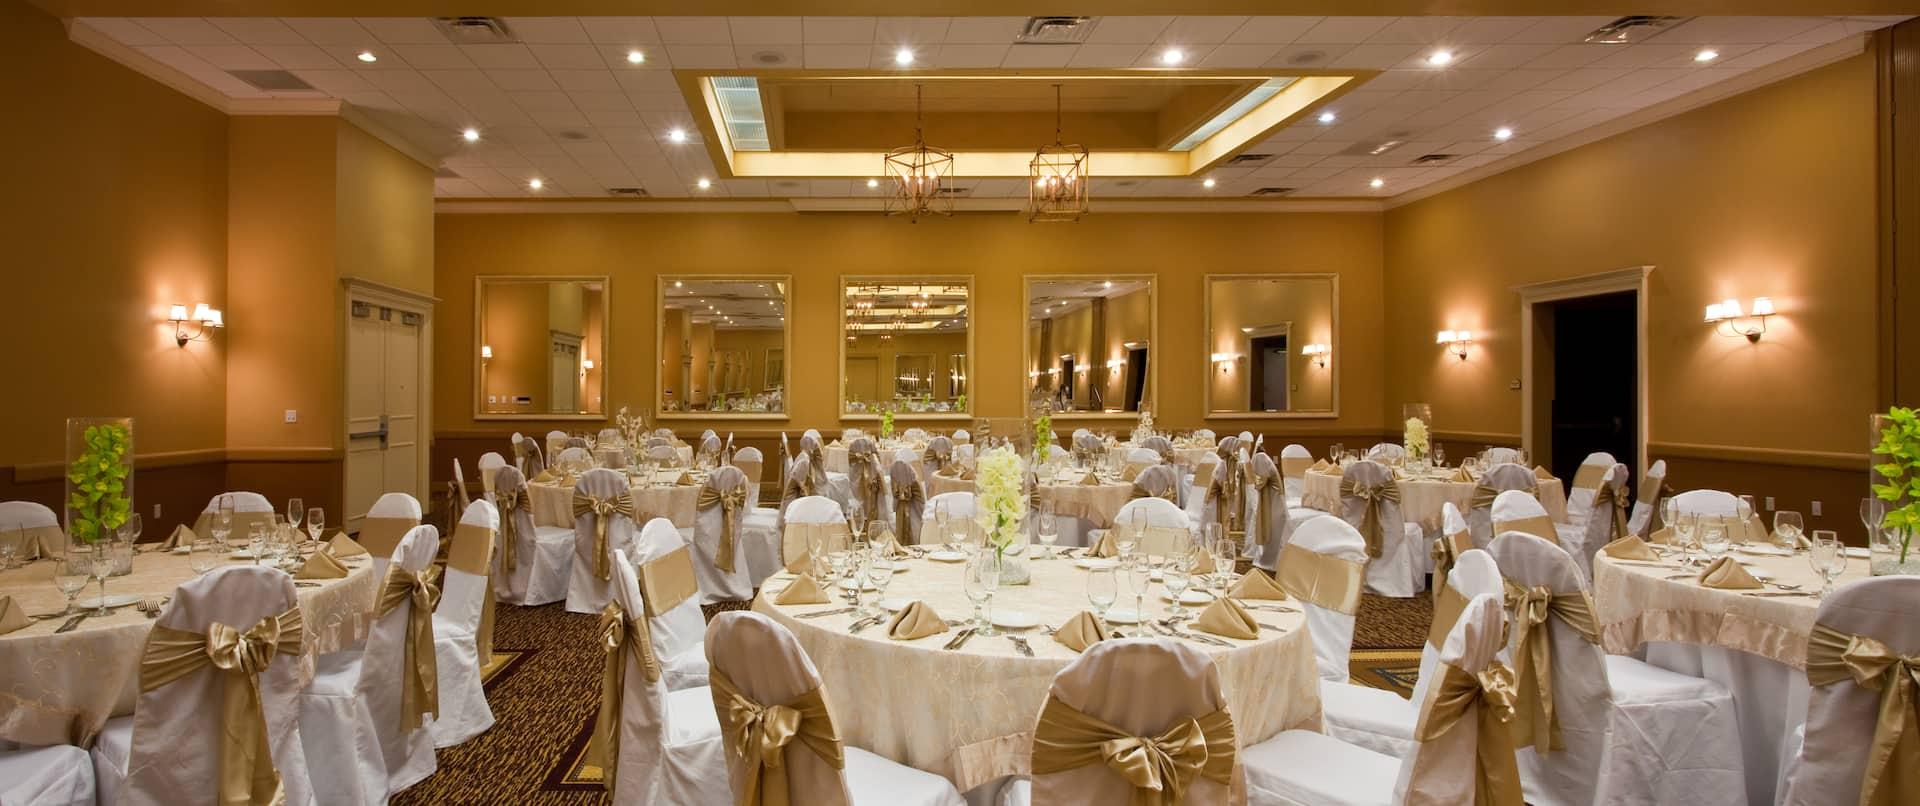 Ballroom Wedding Banquet Rounds Setup